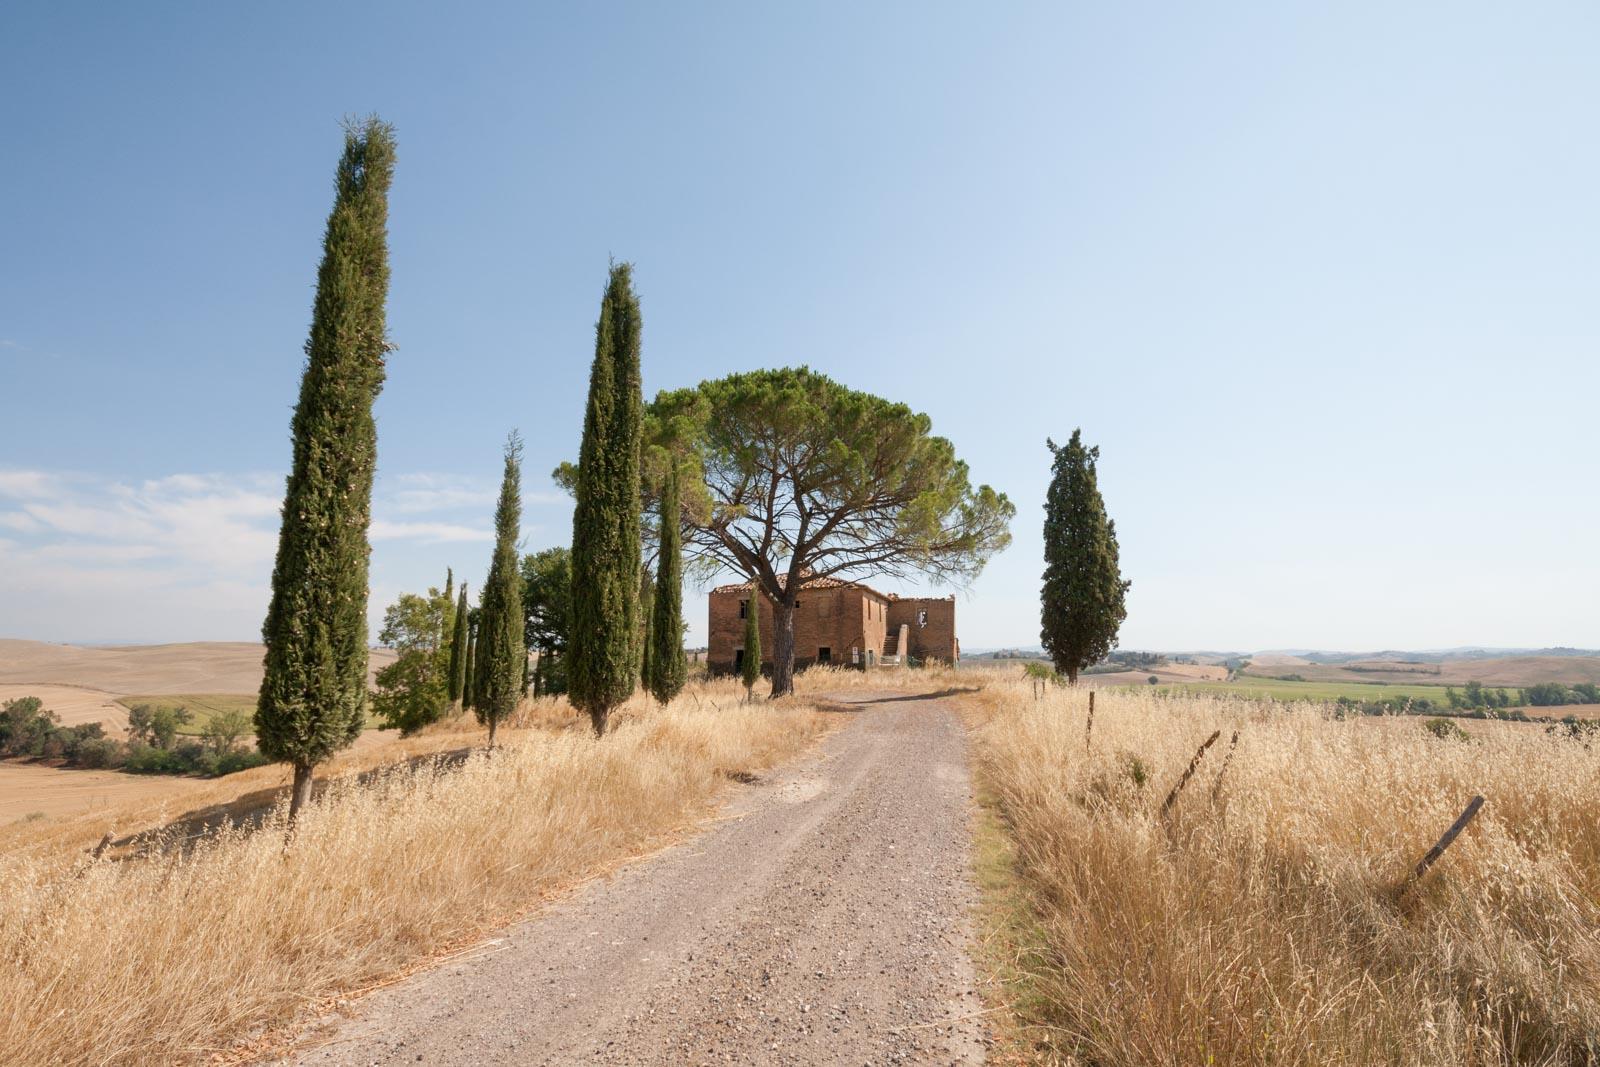 Restaurierungsprojekt Landhaus mit Garten und Pool 18 km von Siena, schlüsselfertig